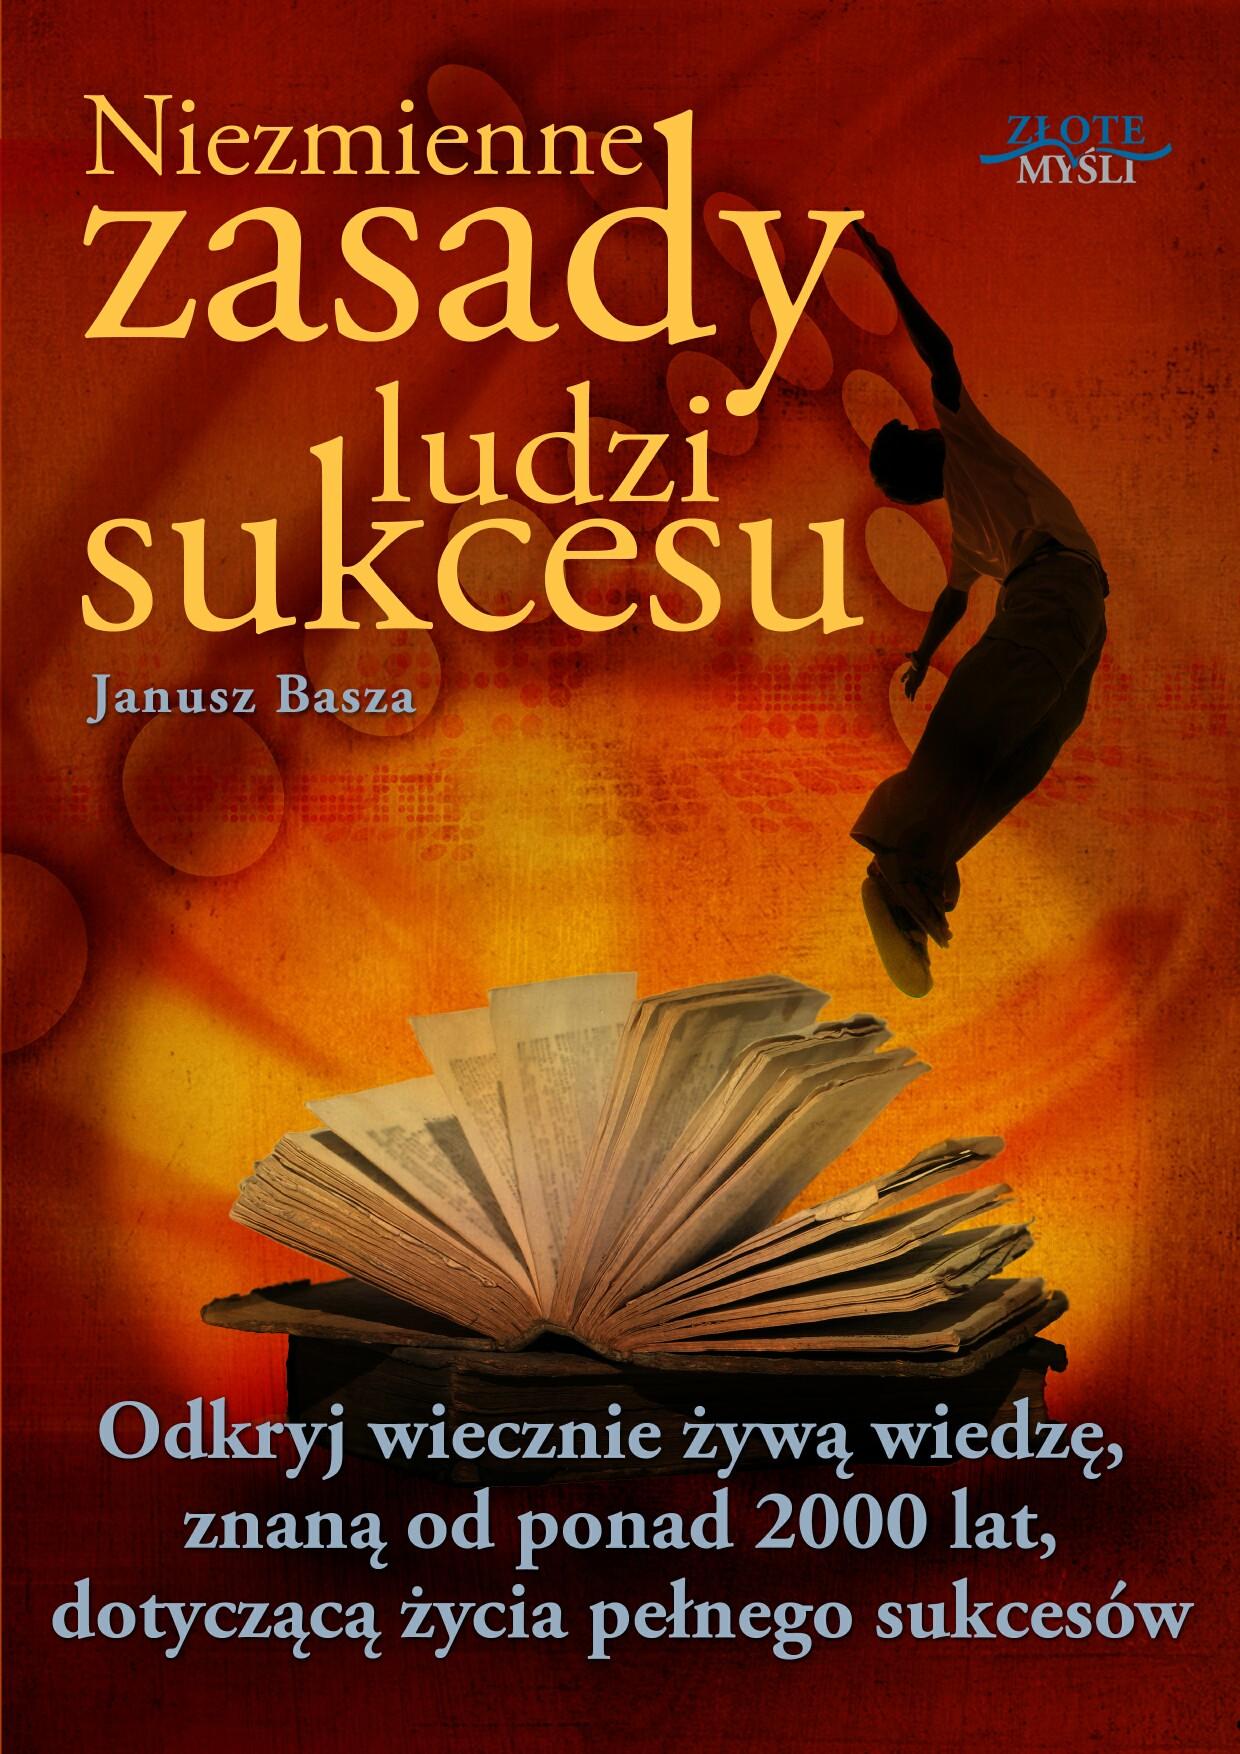 Janusz Basza: Niezmienne zasady ludzi sukcesu - okładka